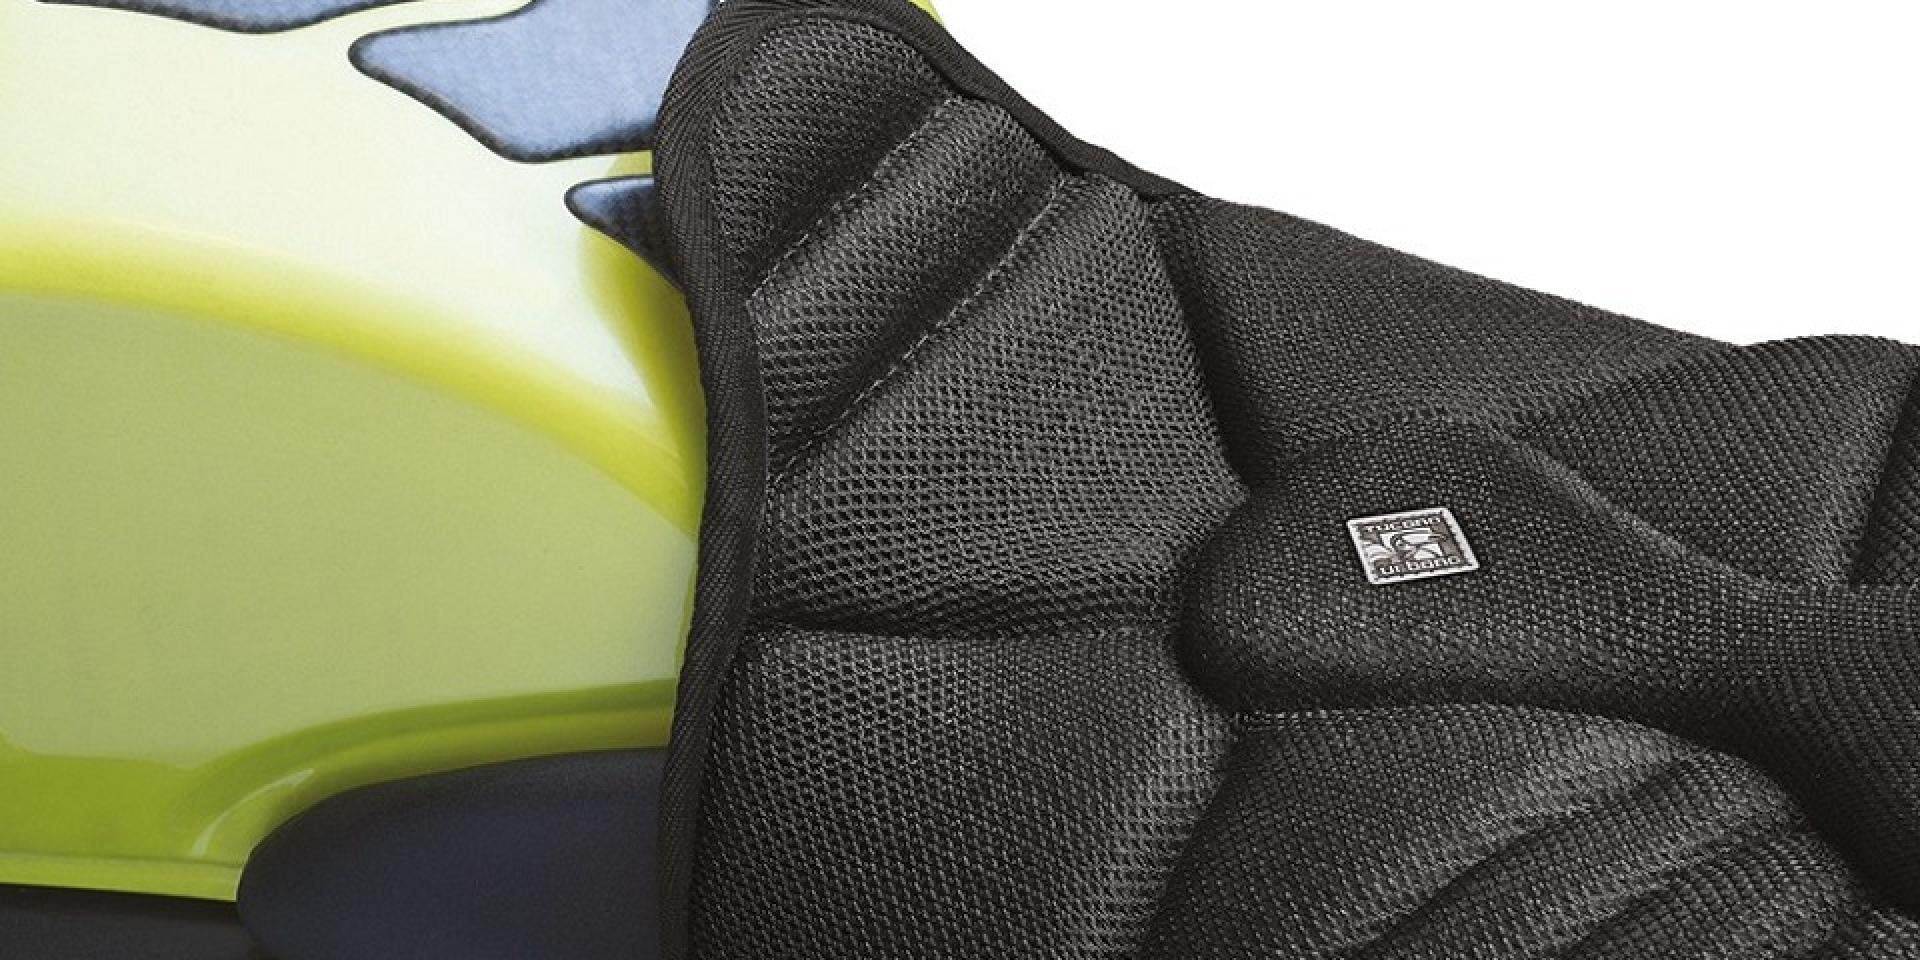 騎士胯下氣冷系統 。TUCANO URBANO透氣坐墊